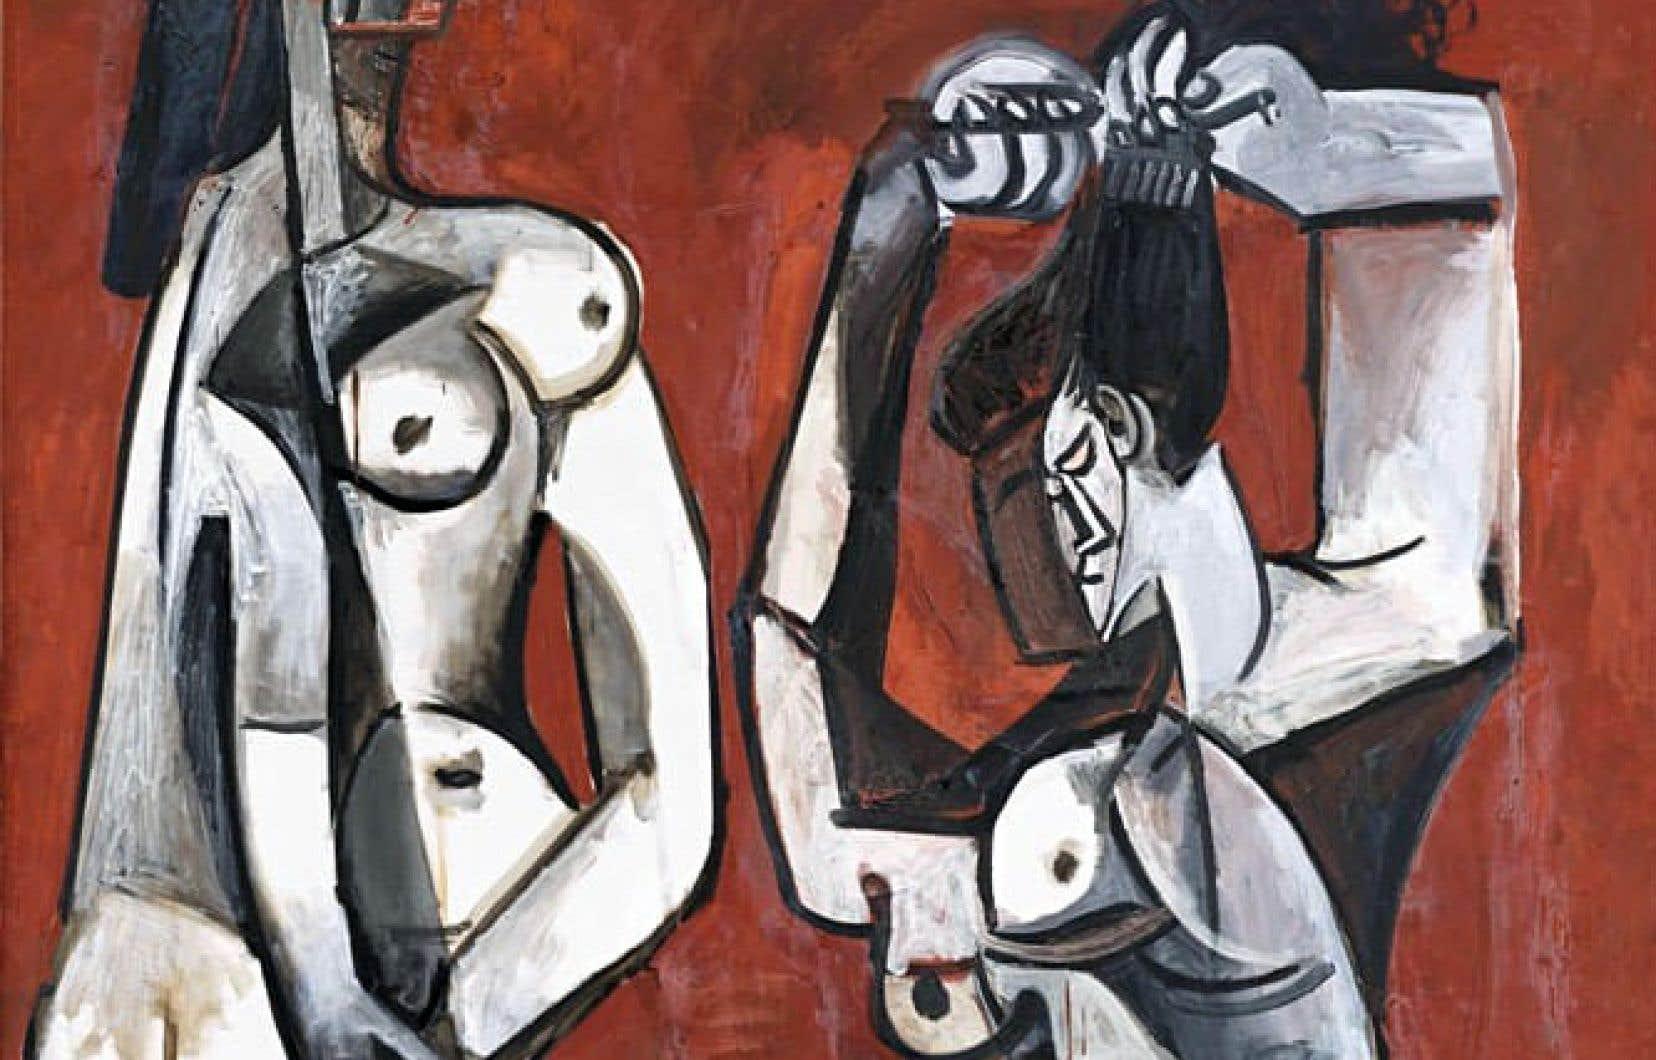 L'œuvre «Femmes à la toilette», de Pablo Picasso, fera partie de l'exposition «Face à face: d'hier à aujourd'hui, les arts premiers et Picasso», qui tournera autour du maître espagnol.<br />